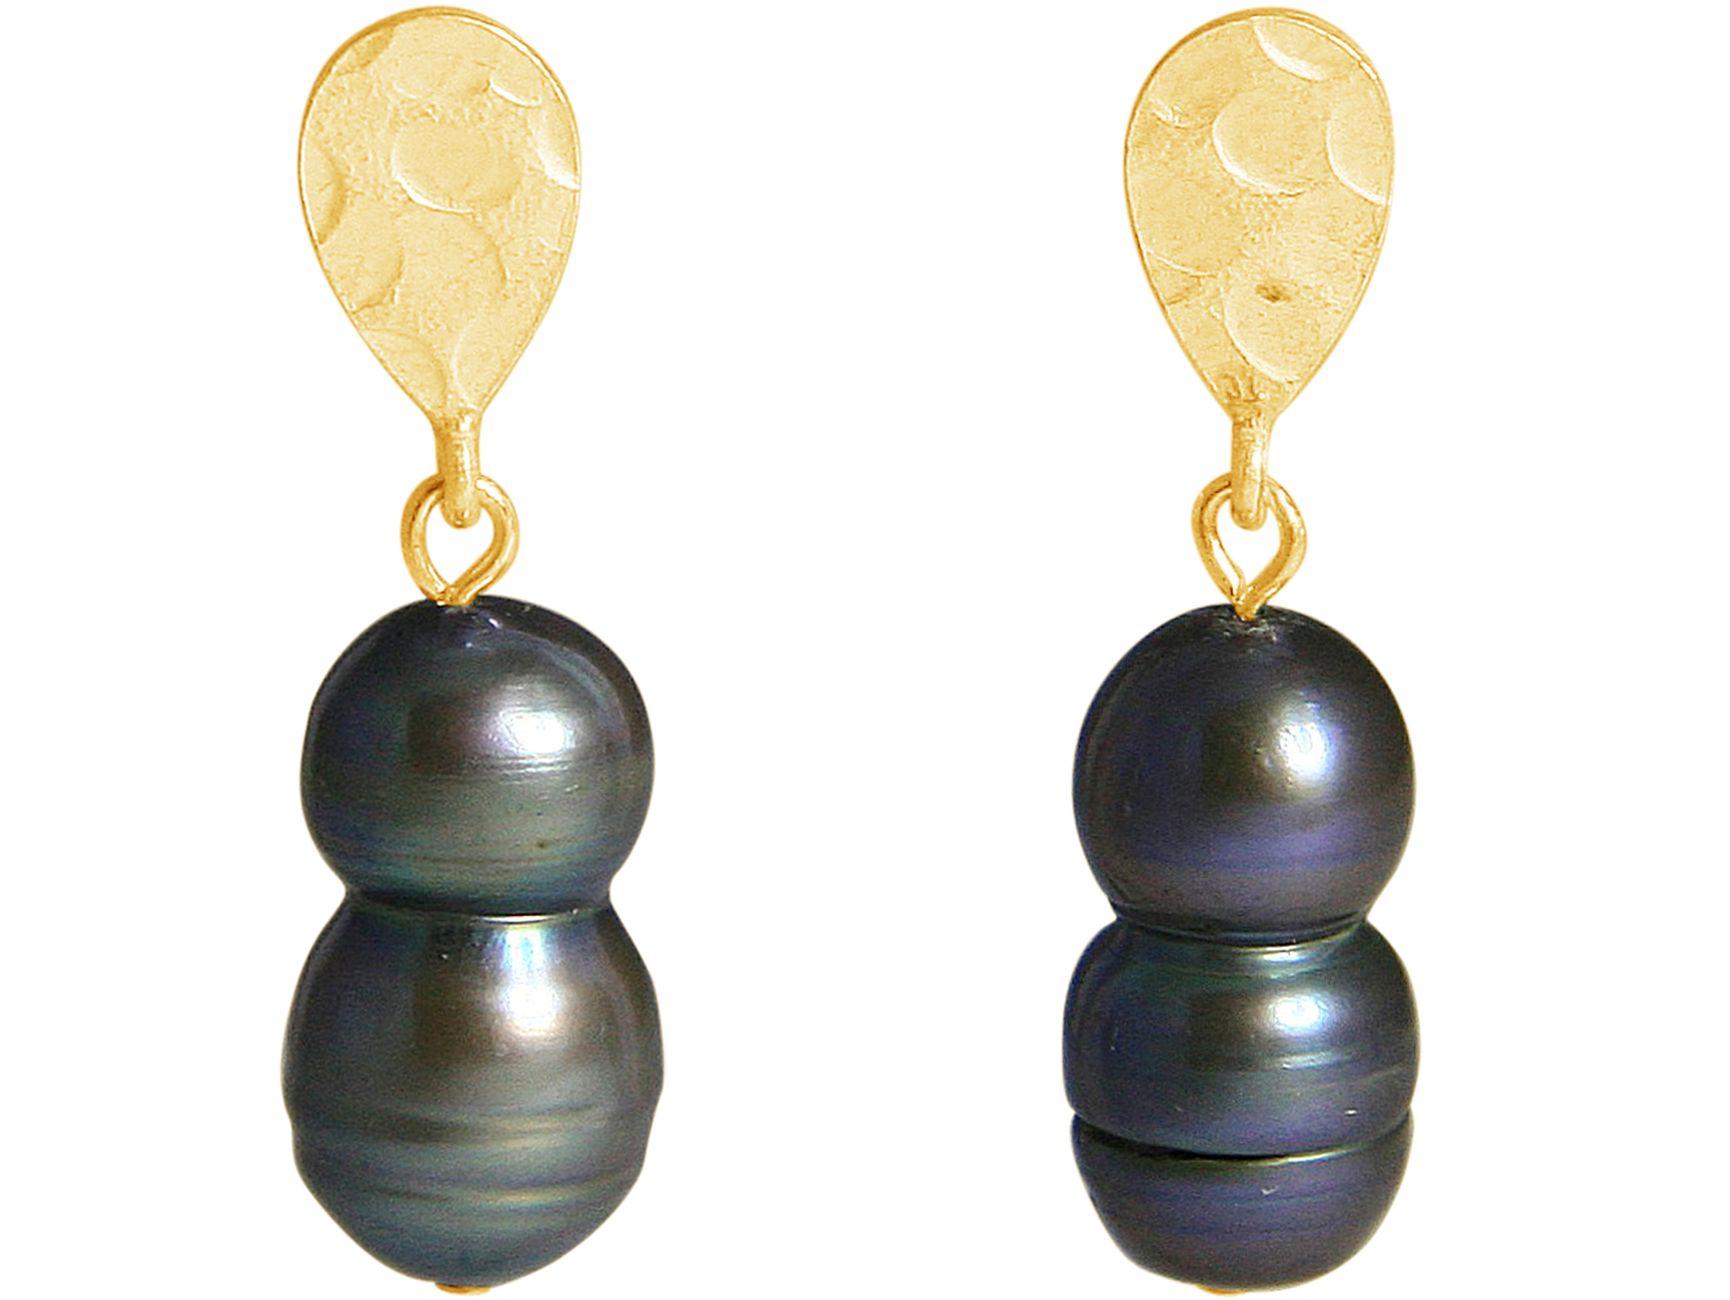 65b1946169a0 GEMSHINE Pendientes Plata de Ley en Plata de Ley o chapada en oro de 18k.  Perlas cultivadas barrocas Gris Tahiti. Joya hecha en Alemania